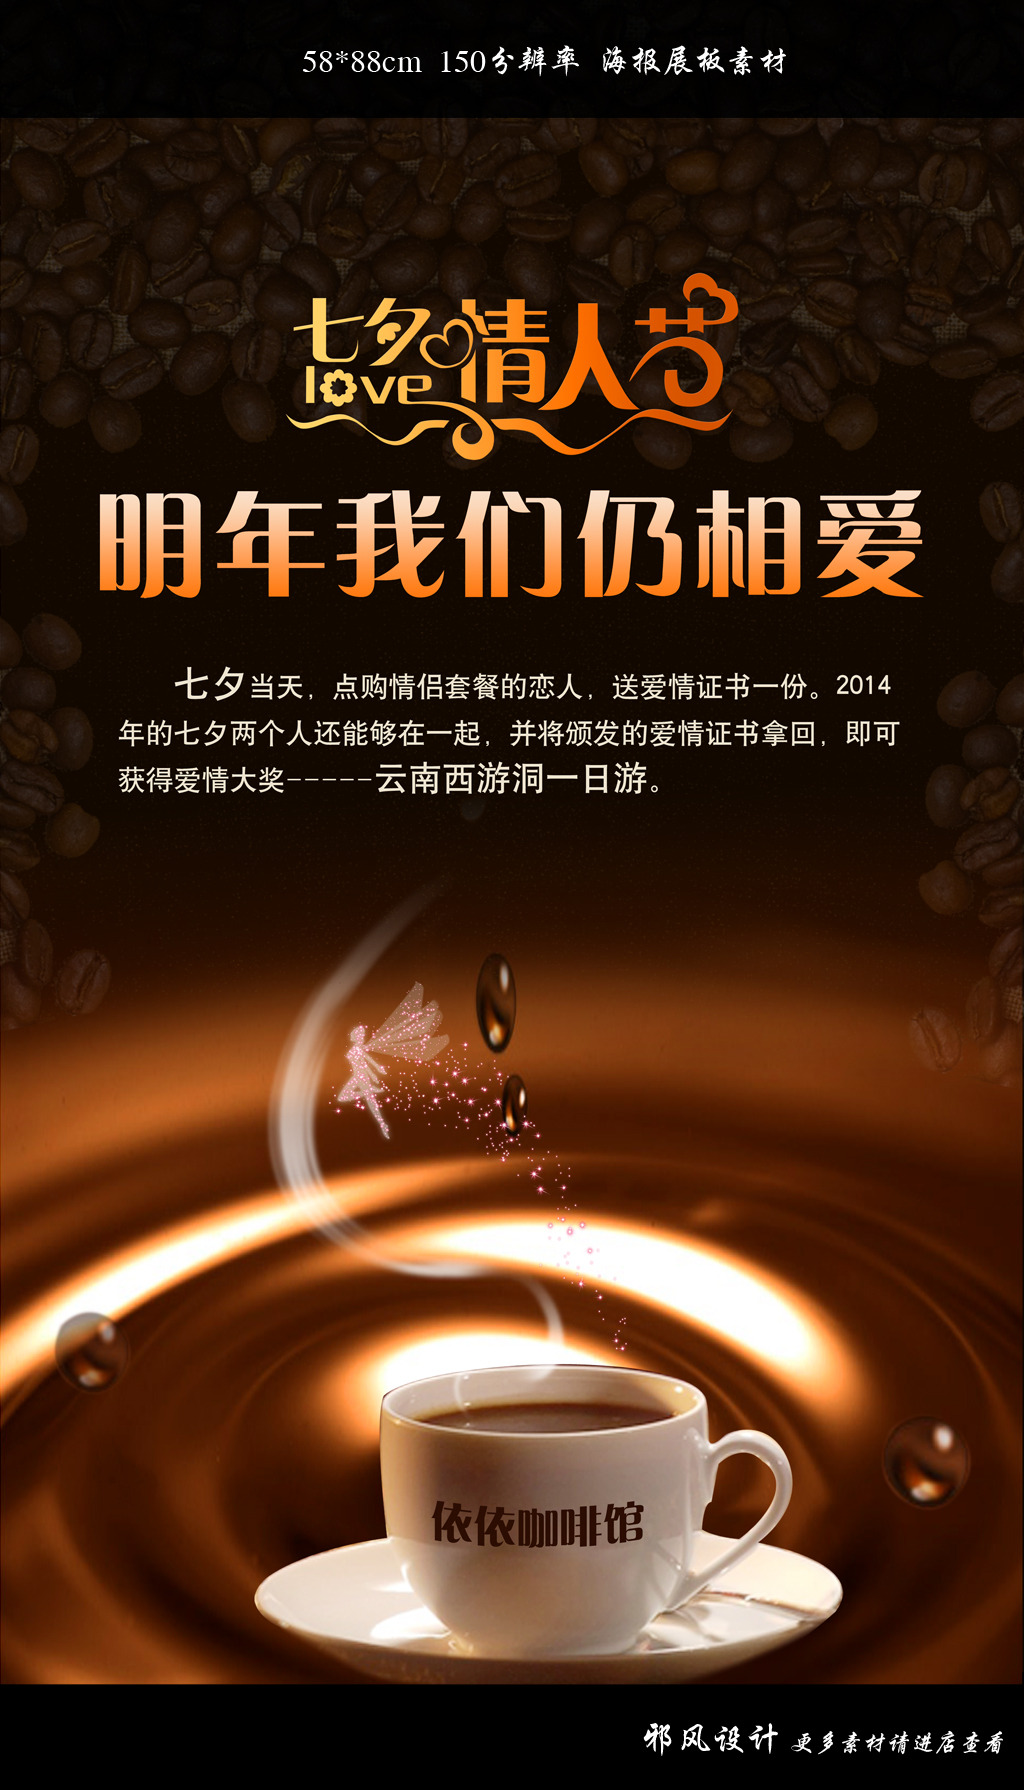 七夕情人节咖啡食品促销活动海报ps分层图